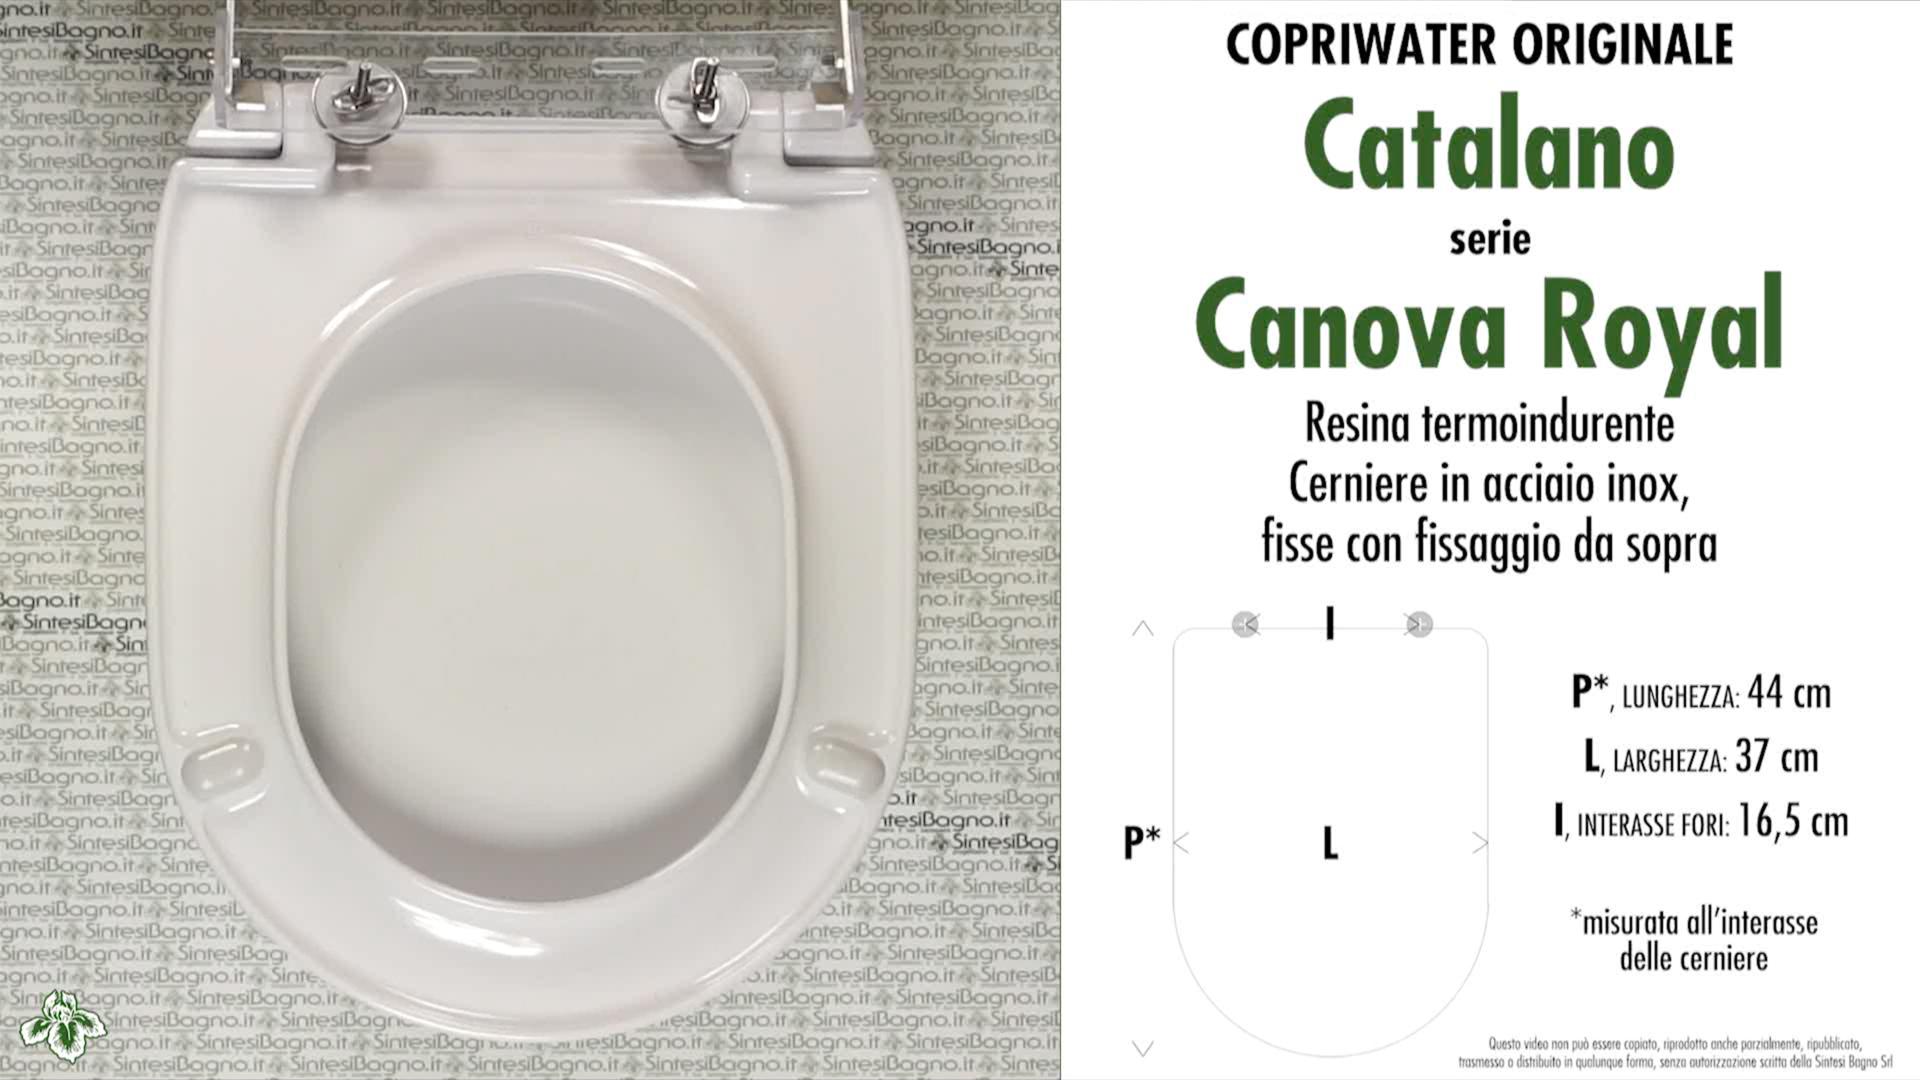 SCHEDA TECNICA MISURE copriwater CATALANO CANOVA ROYAL